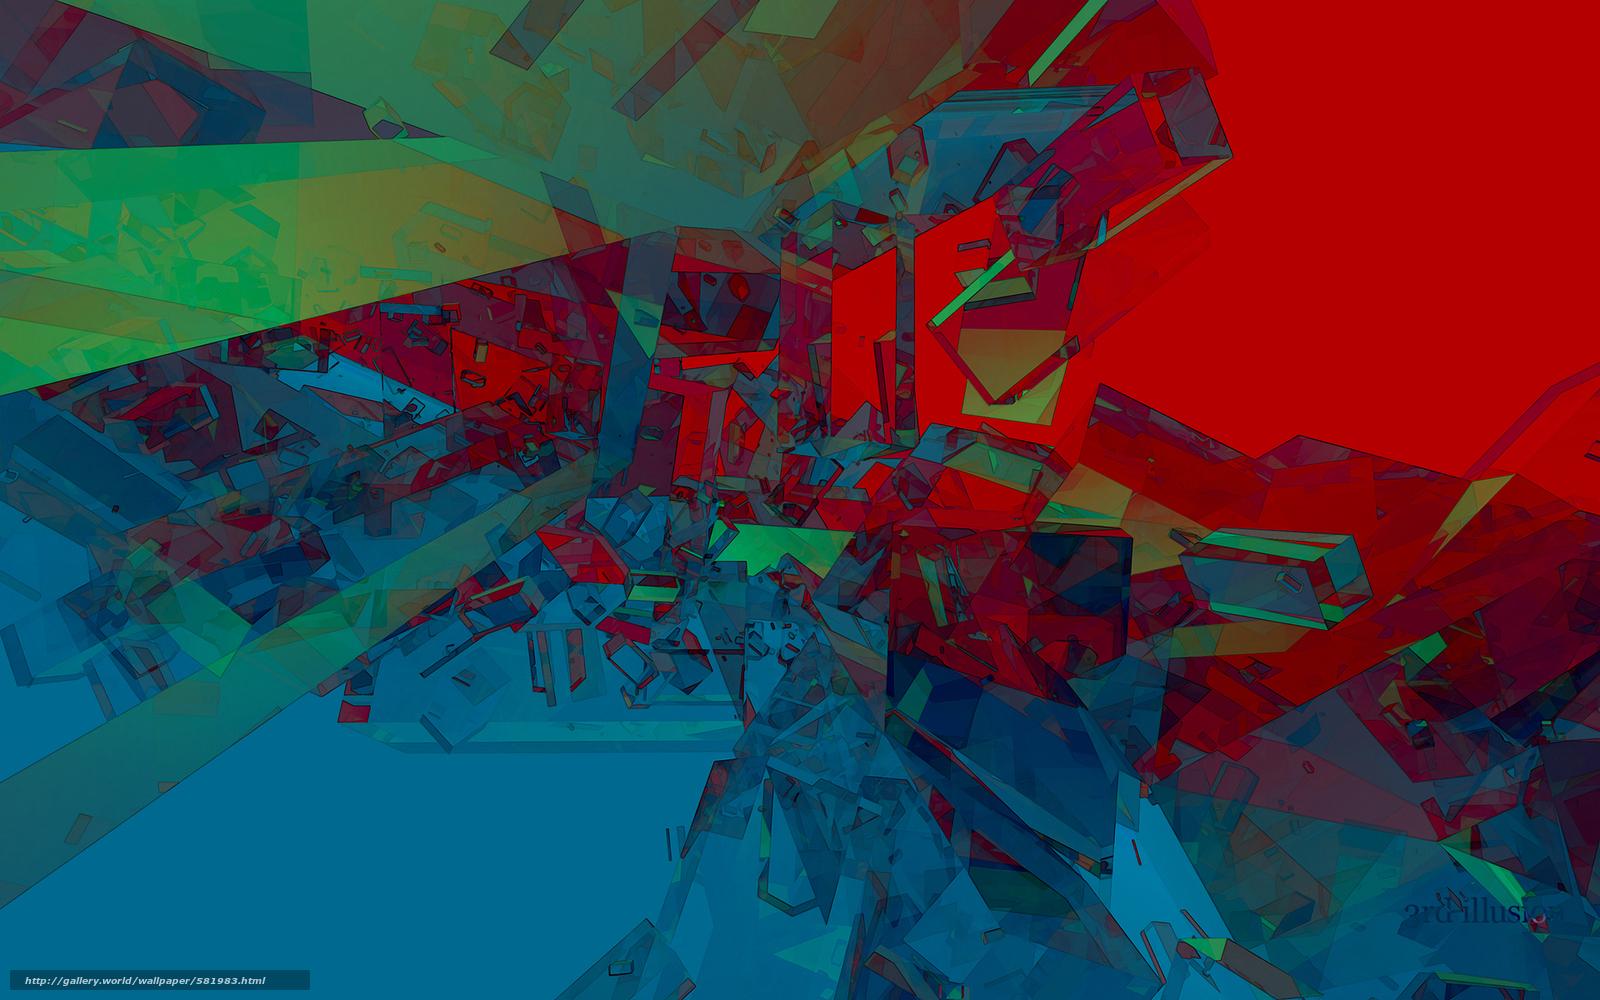 Скачать обои abstract, 3d, art бесплатно для ...: ru.gde-fon.com/download/abstract_3d_art/581983/1920x1200